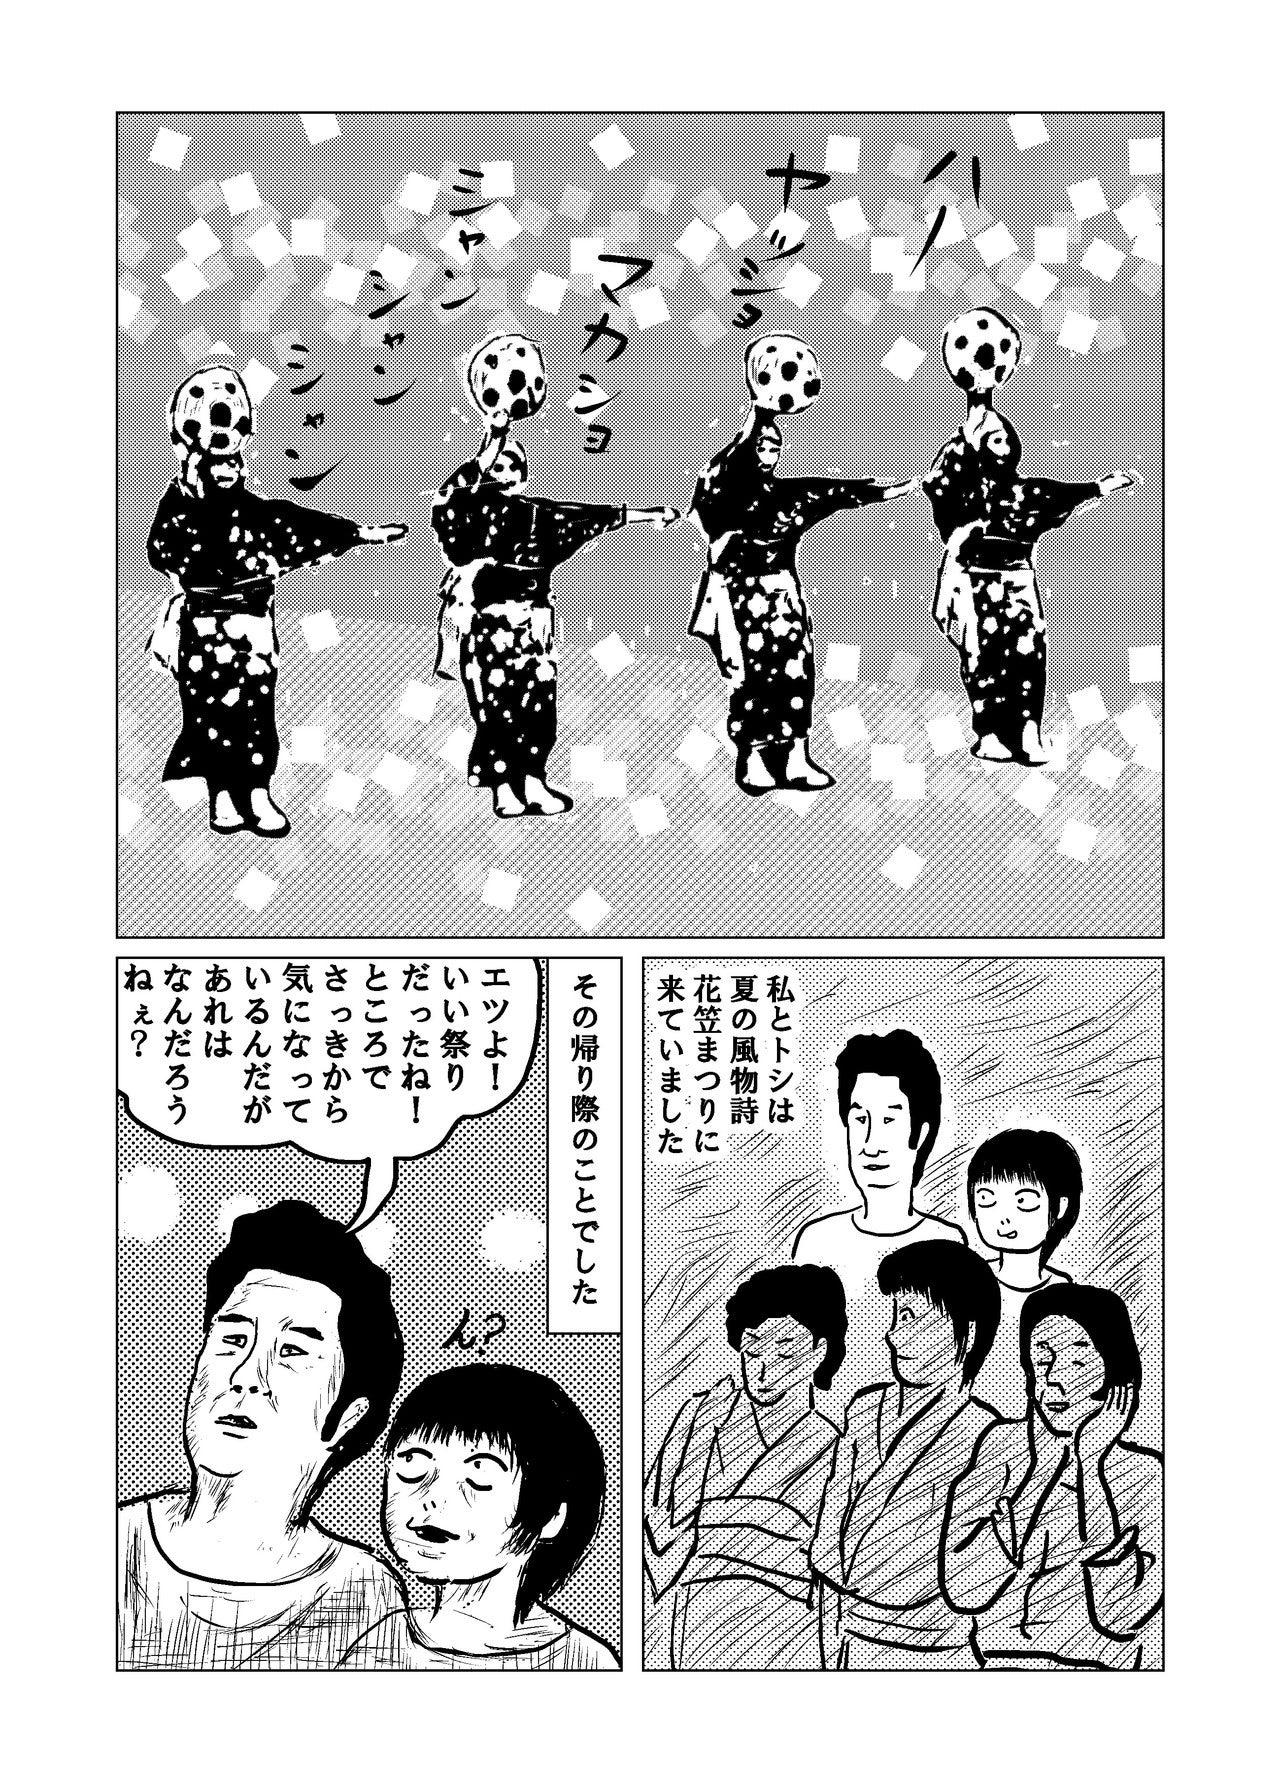 花笠01_5mb